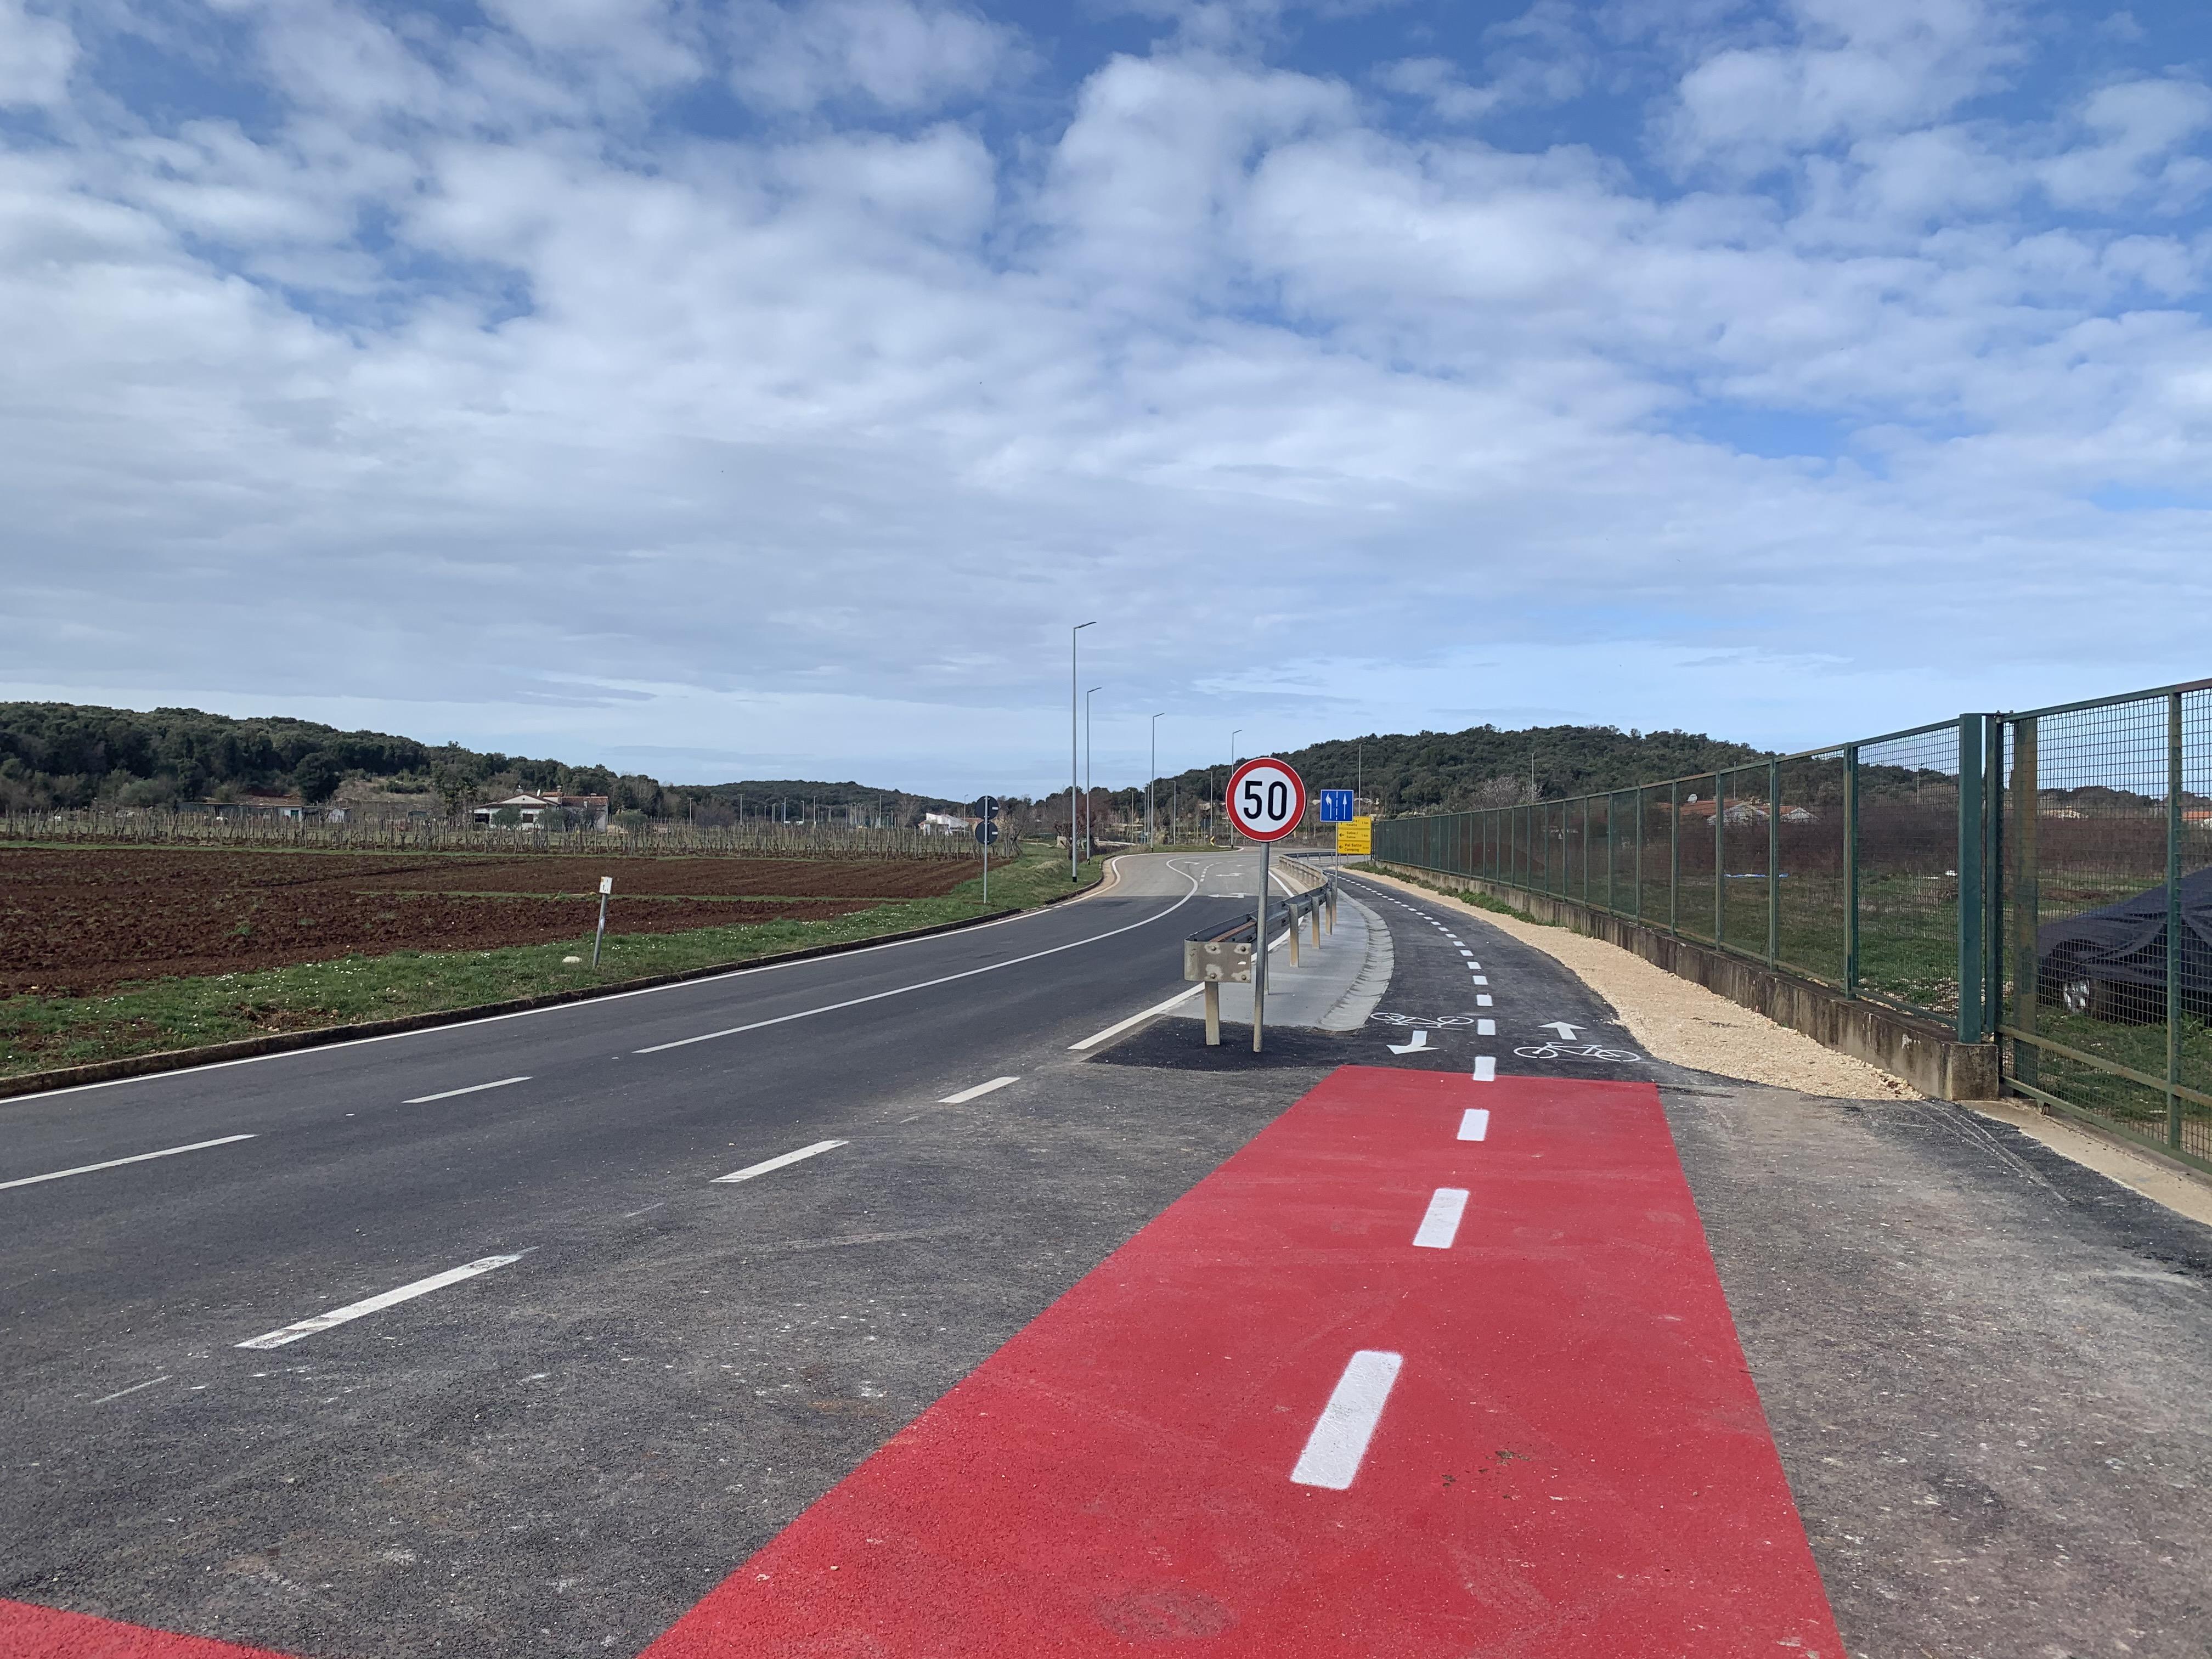 Terminata l'asfaltatura delle corsie ciclistiche sulla Rovigno-Valalta